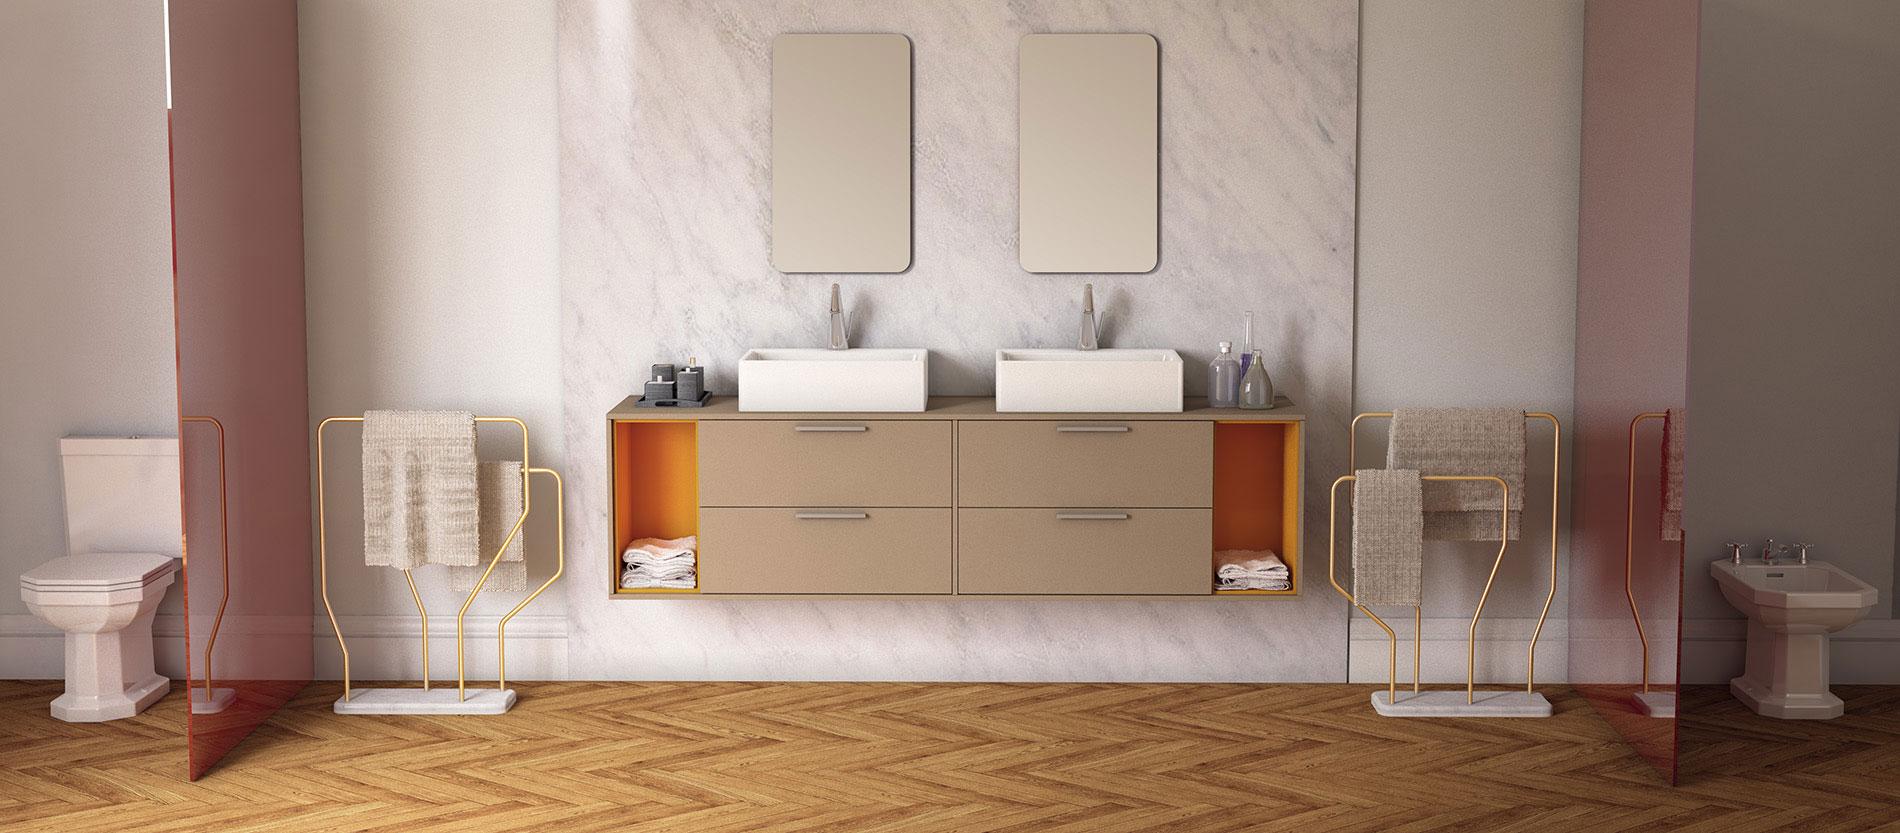 baño-serie-sena-laminado-malaga